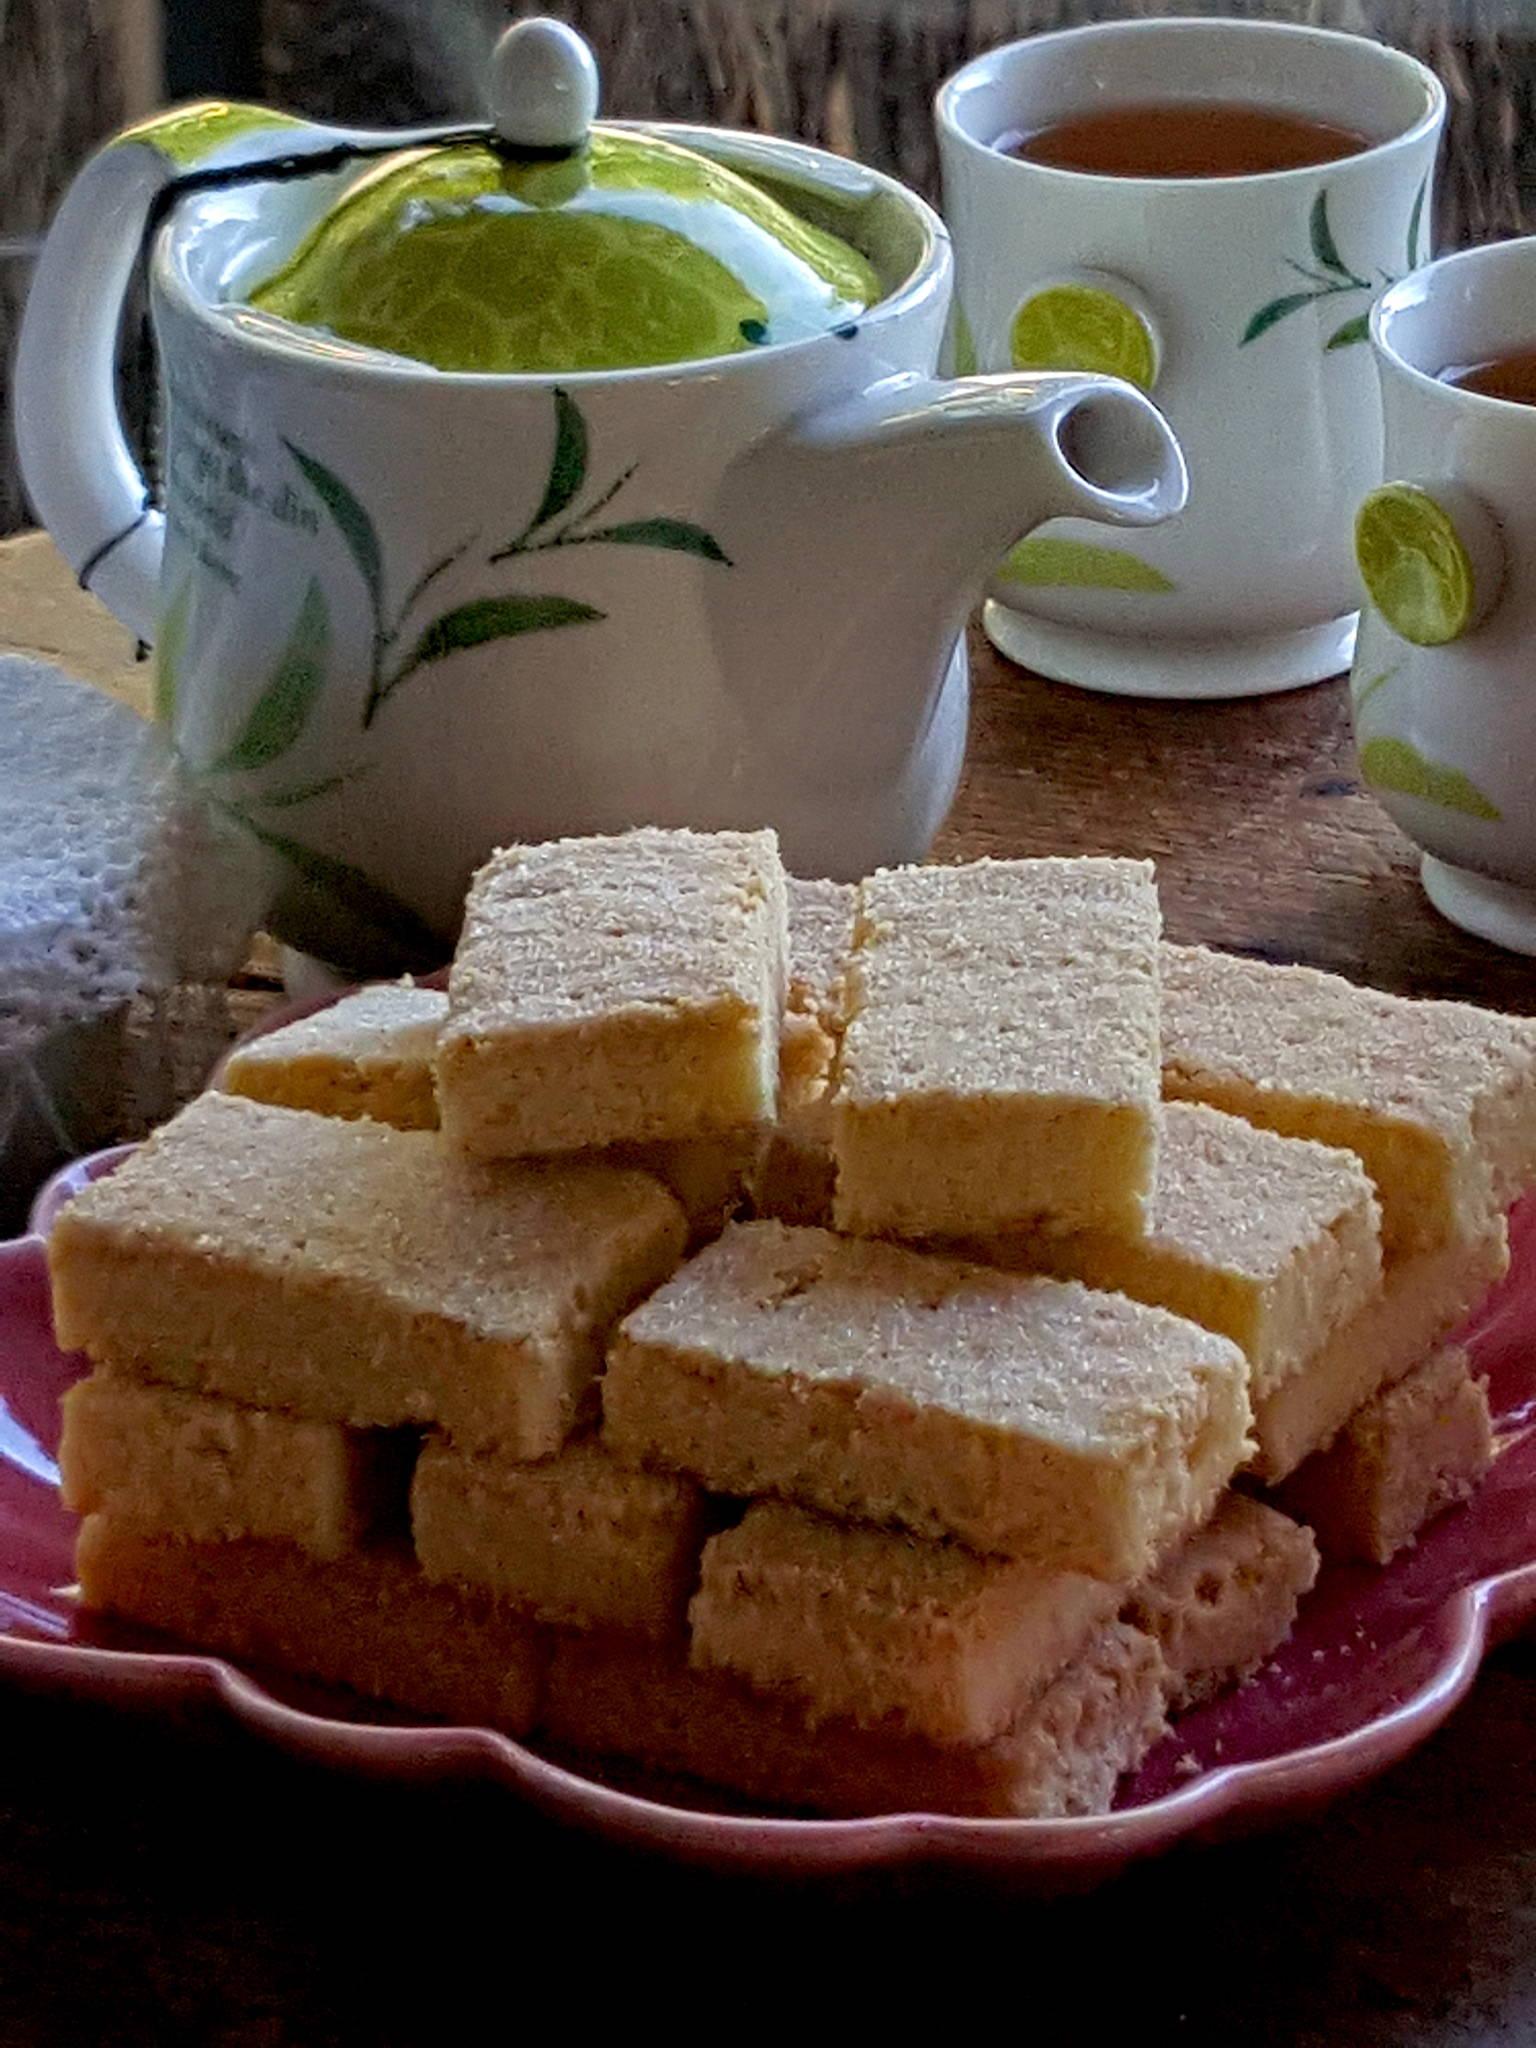 Shortbread with tea